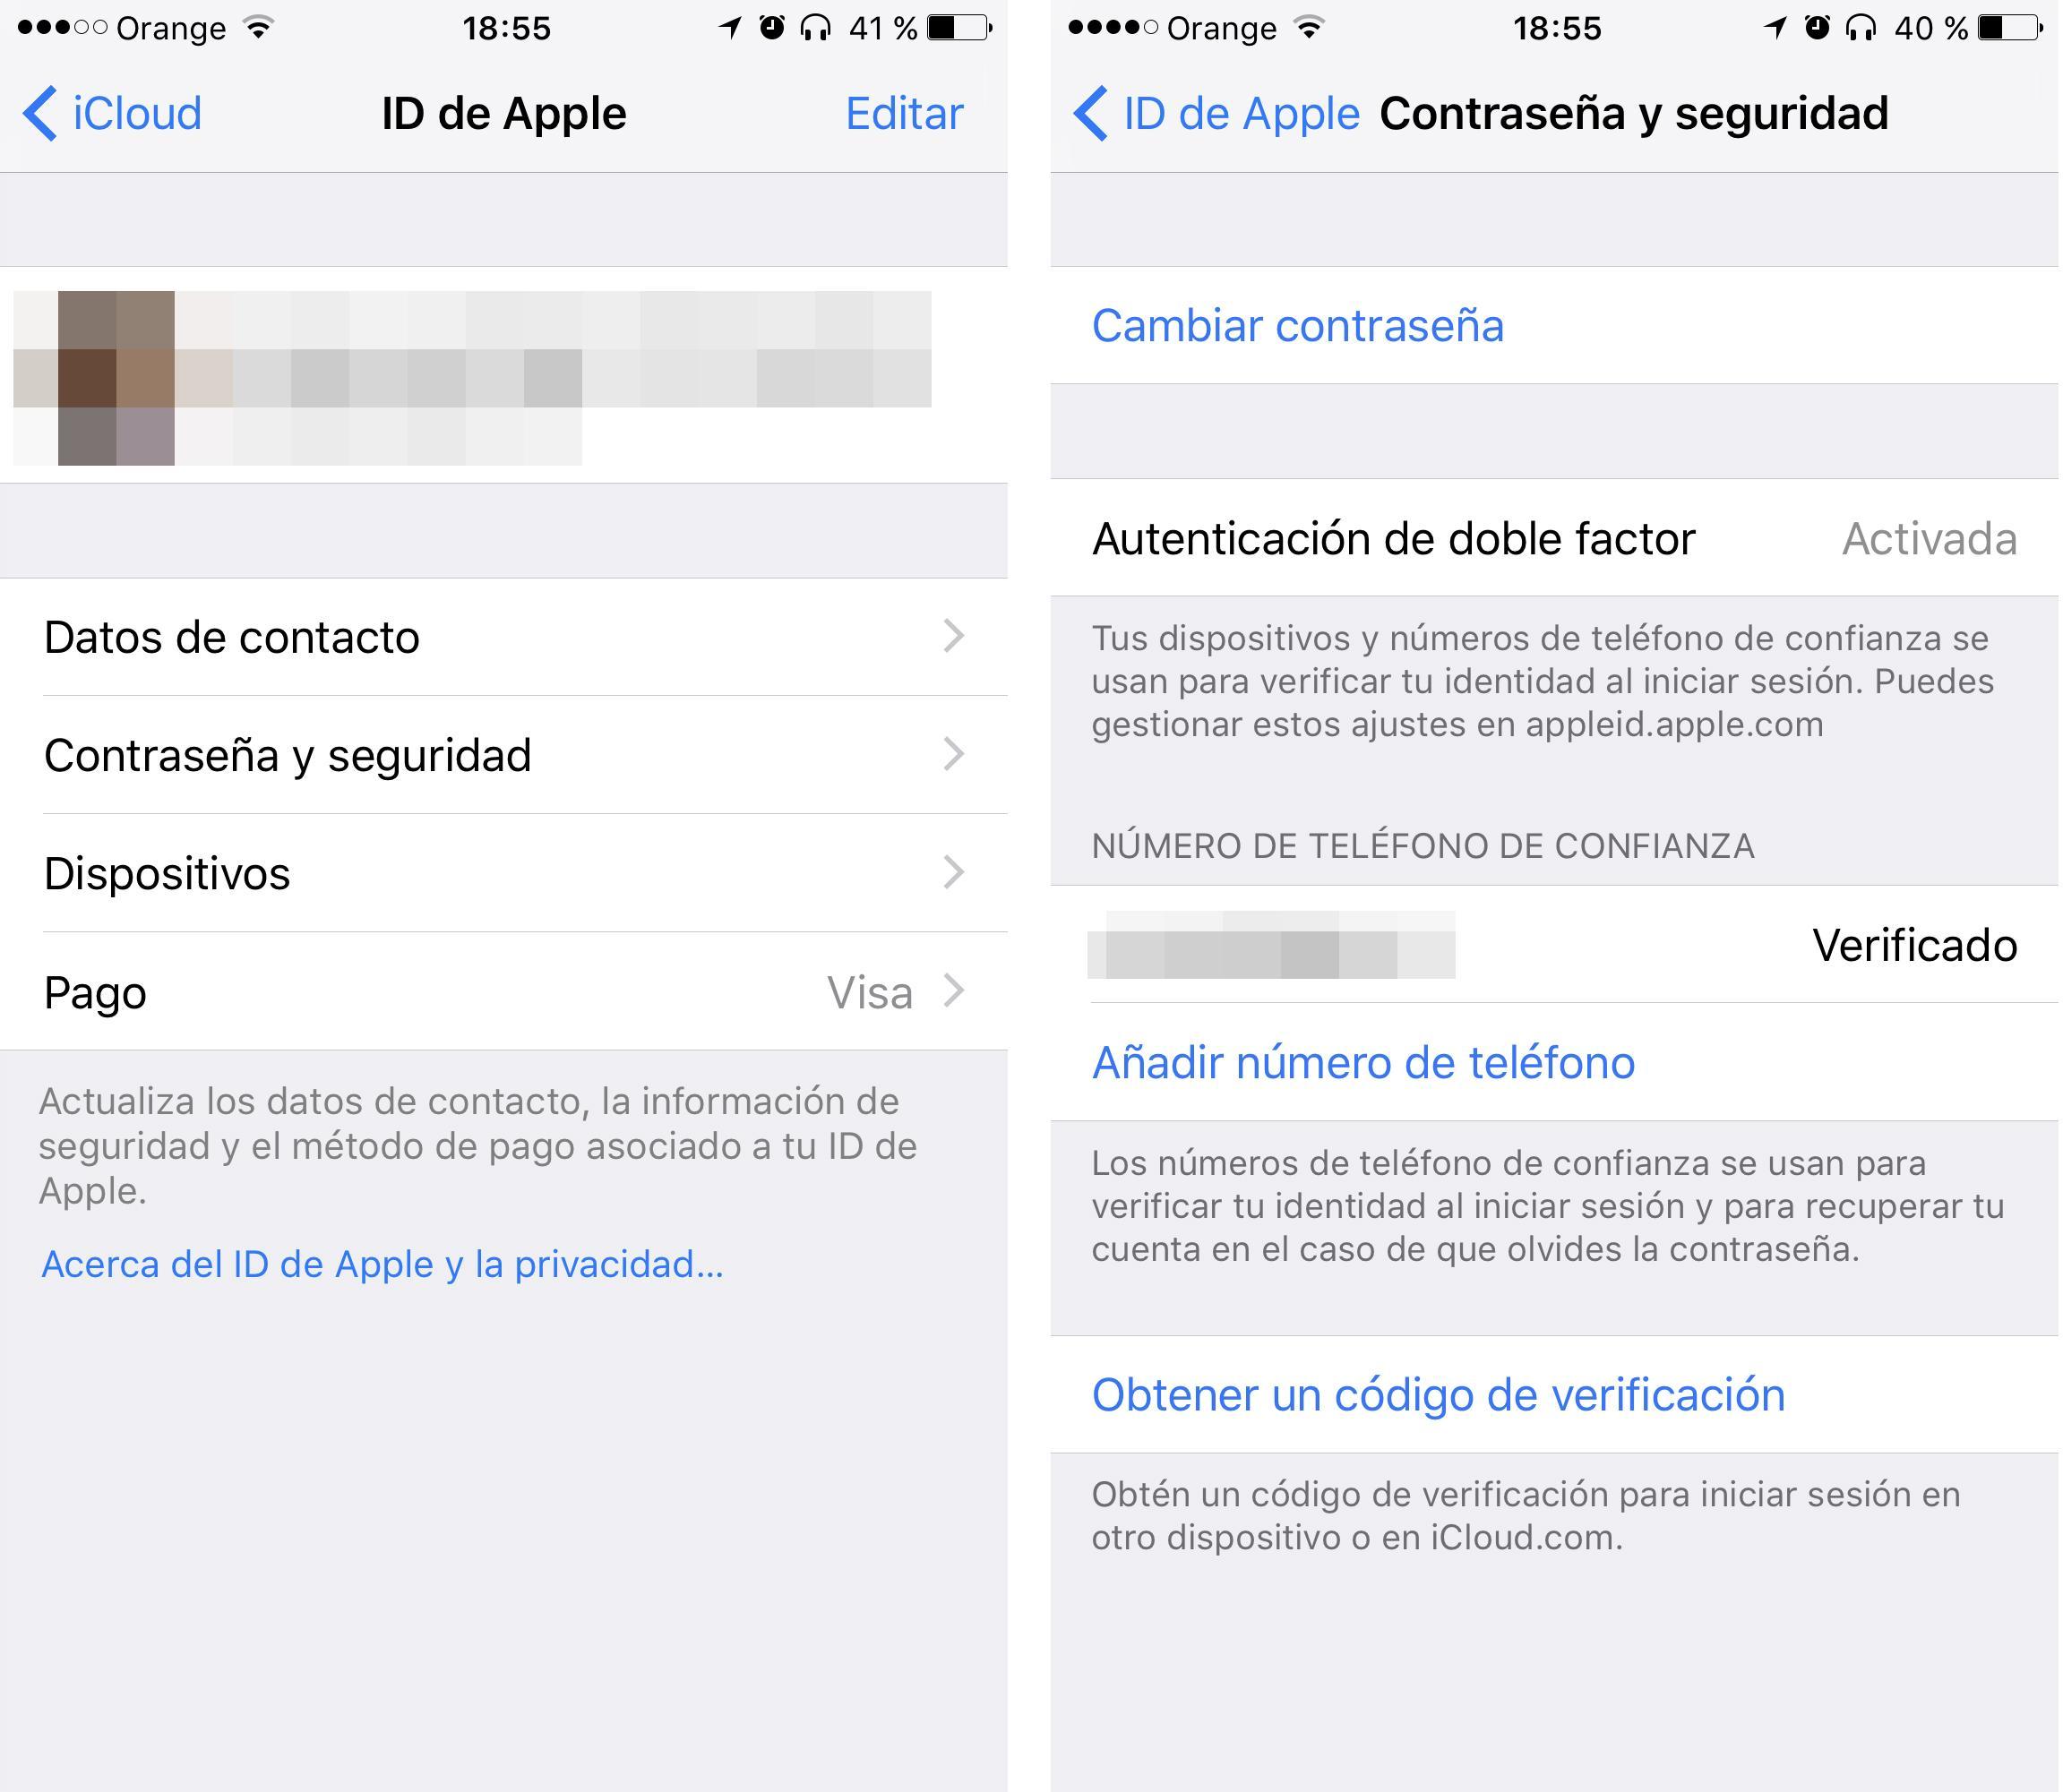 c2535e4abbc Así se activa la verificación en dos pasos de tu ID de Apple - Topes ...